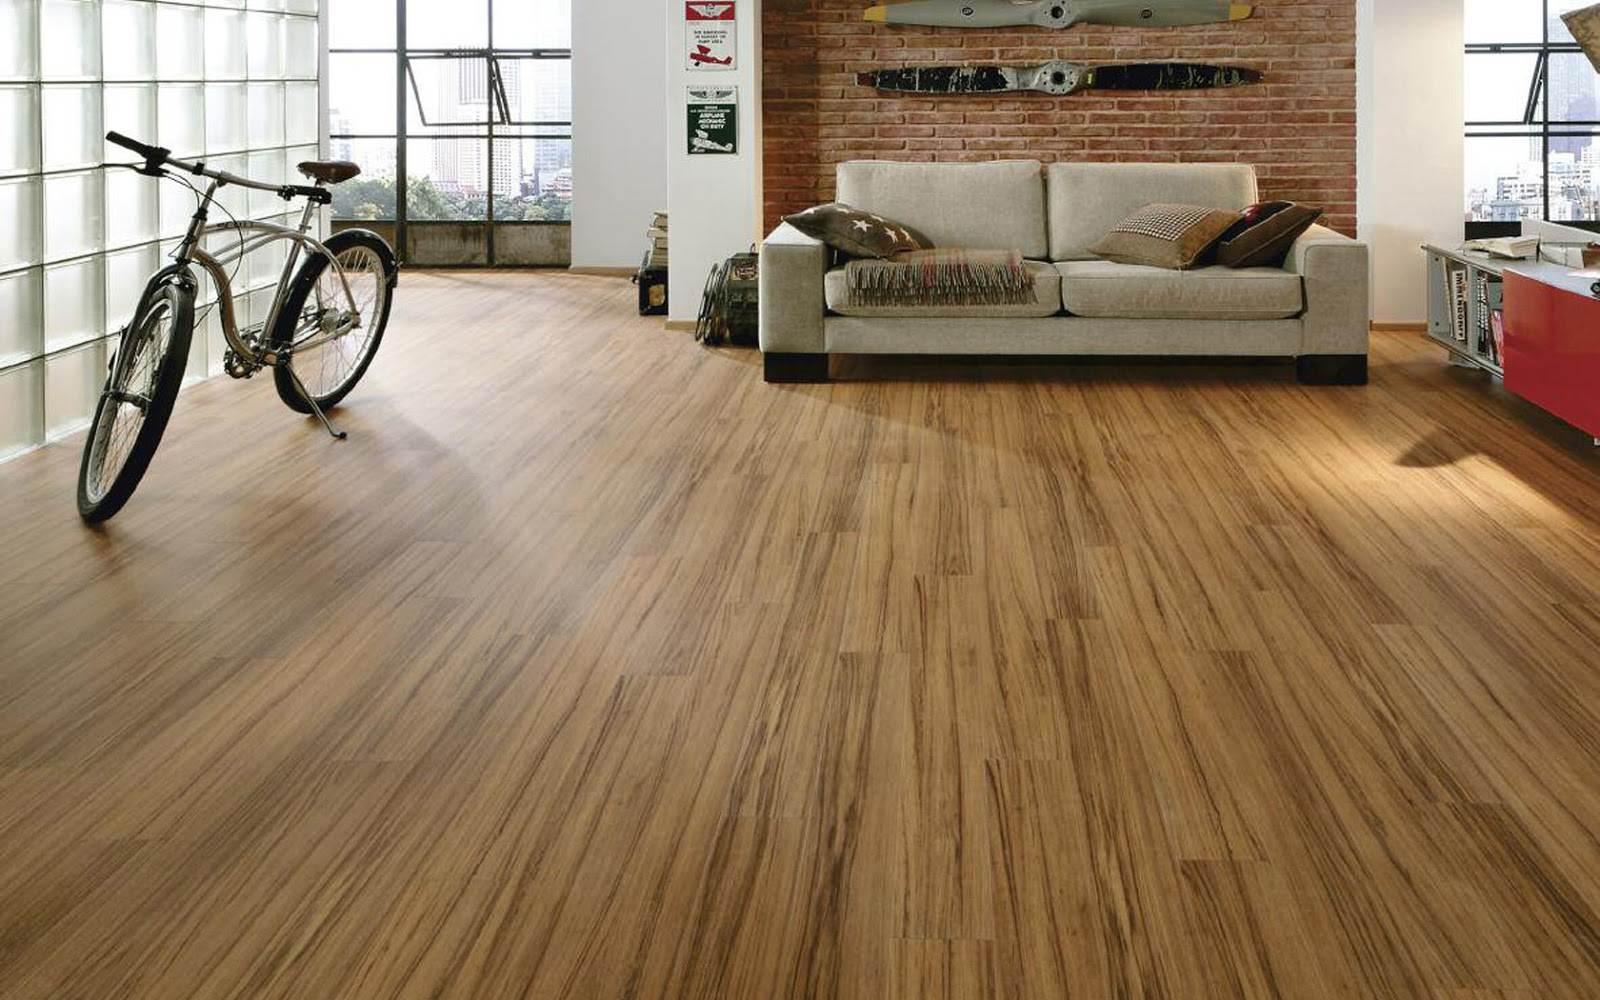 Spesifikasi Lantai Parket Untuk Area Indoor dan Outdoor